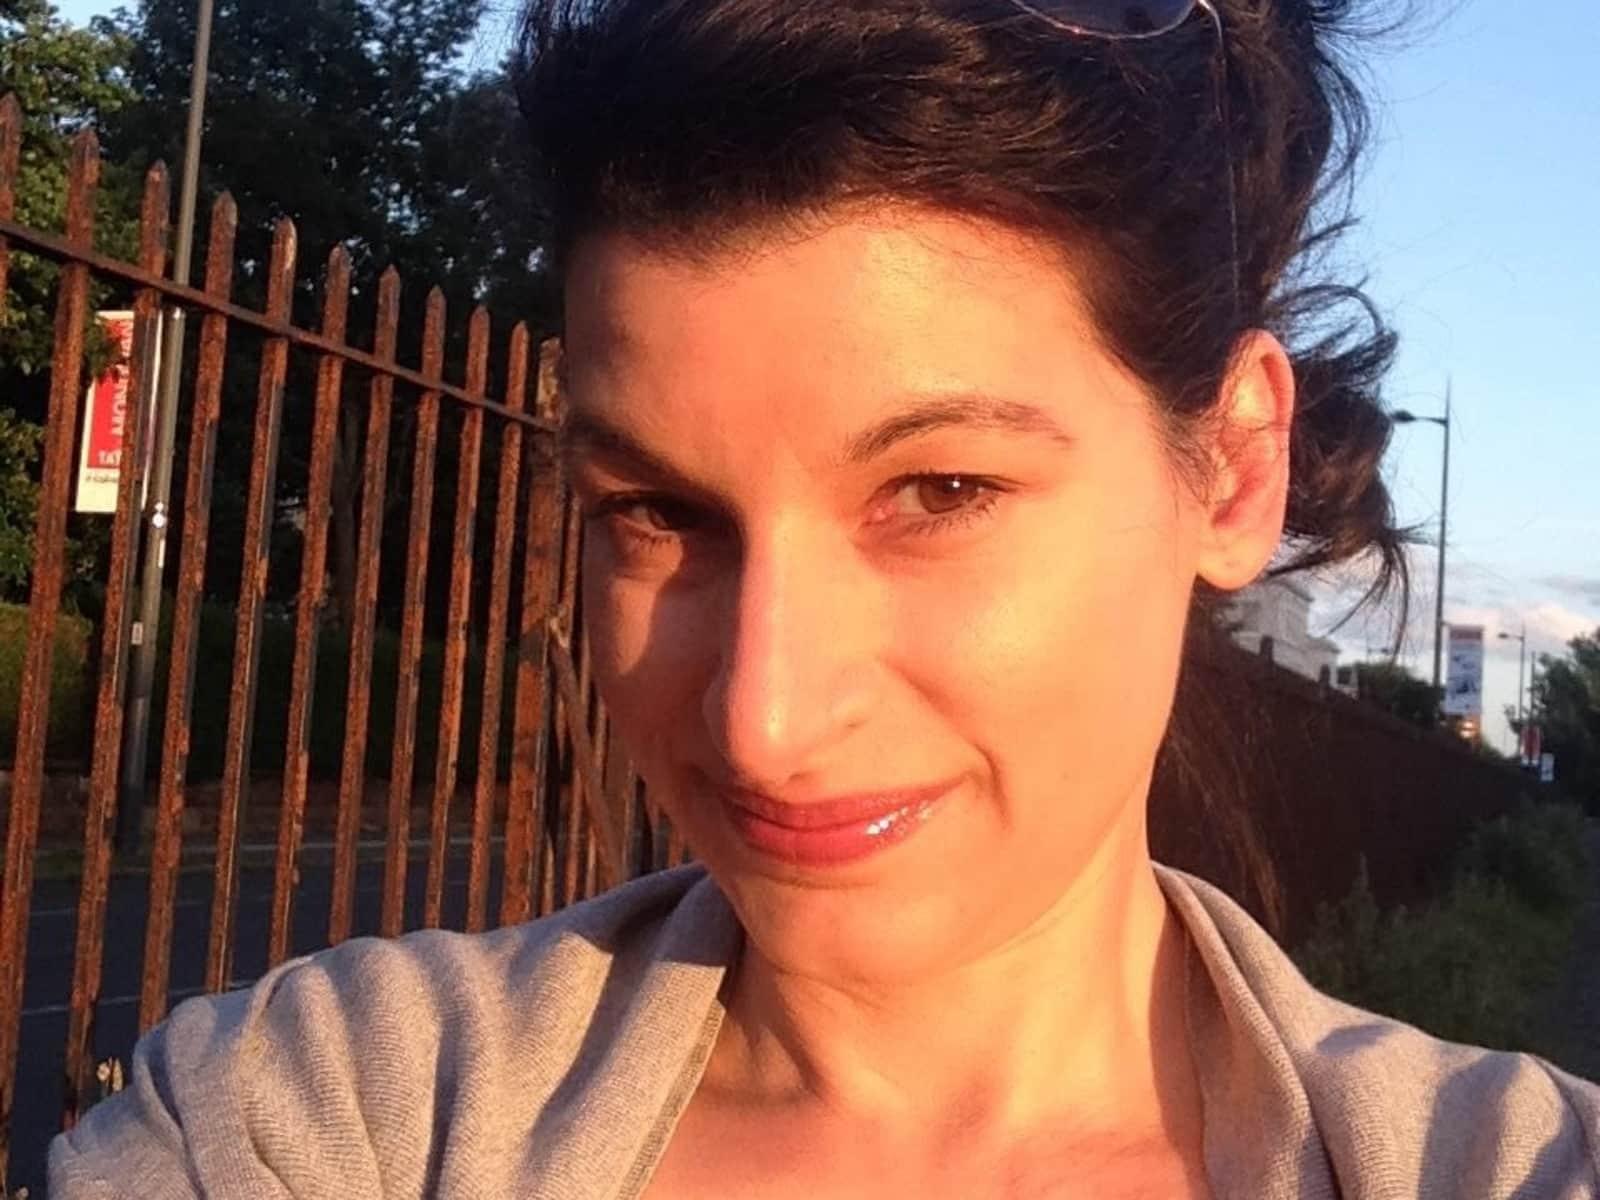 Deena from Liverpool, United Kingdom